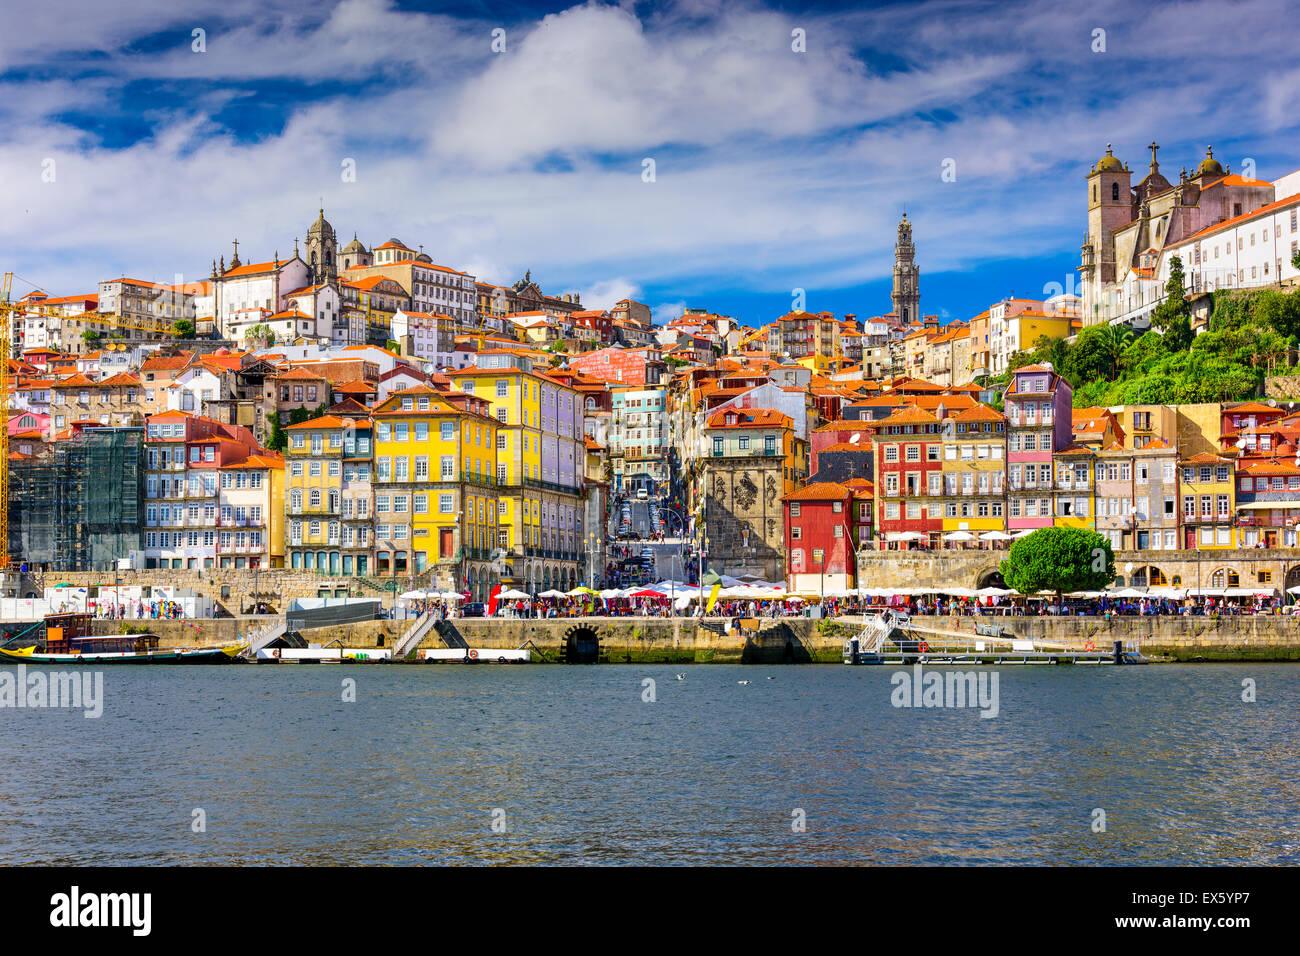 Porto, Portogallo città vecchia skyline di tutto il fiume Douro. Immagini Stock